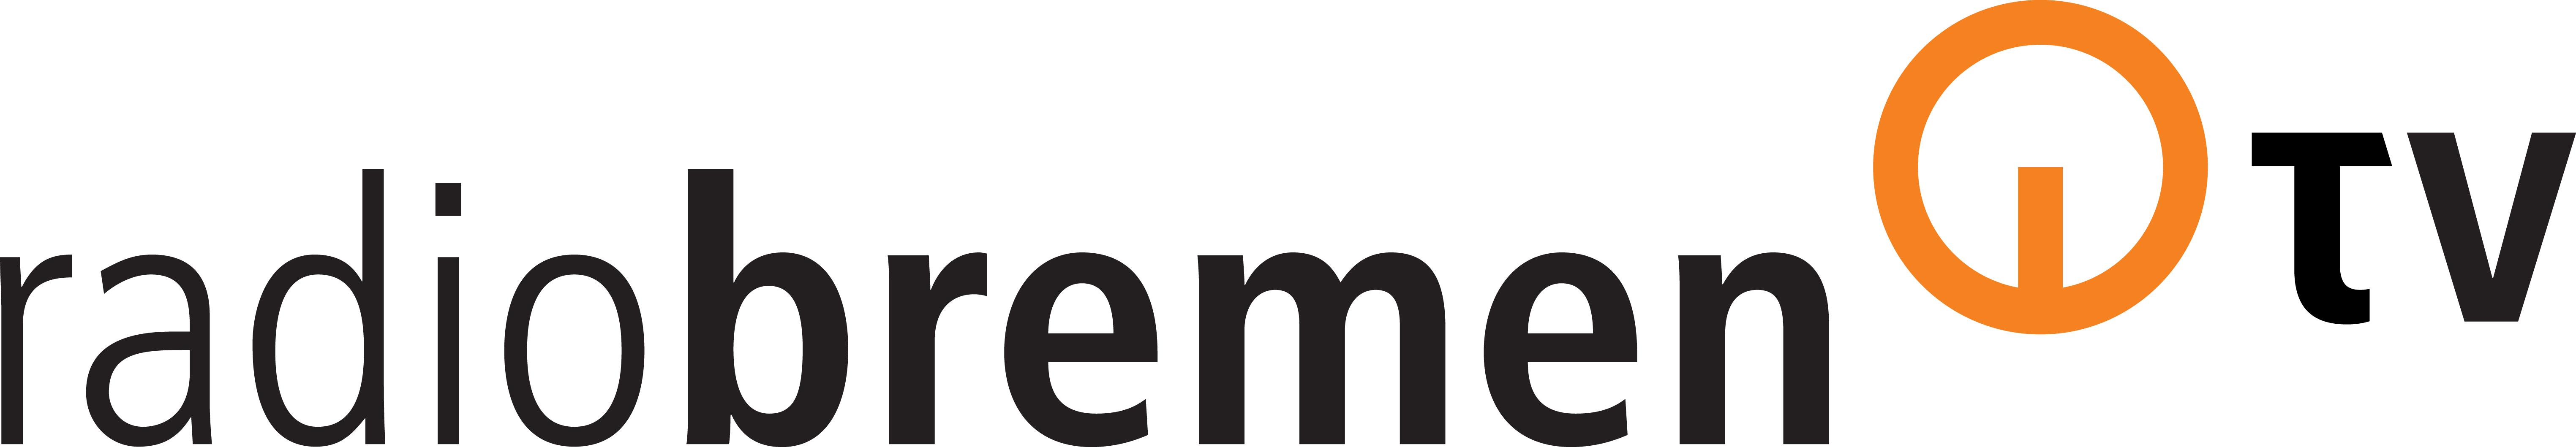 Radio Bremen TV im Kabelfernsehen